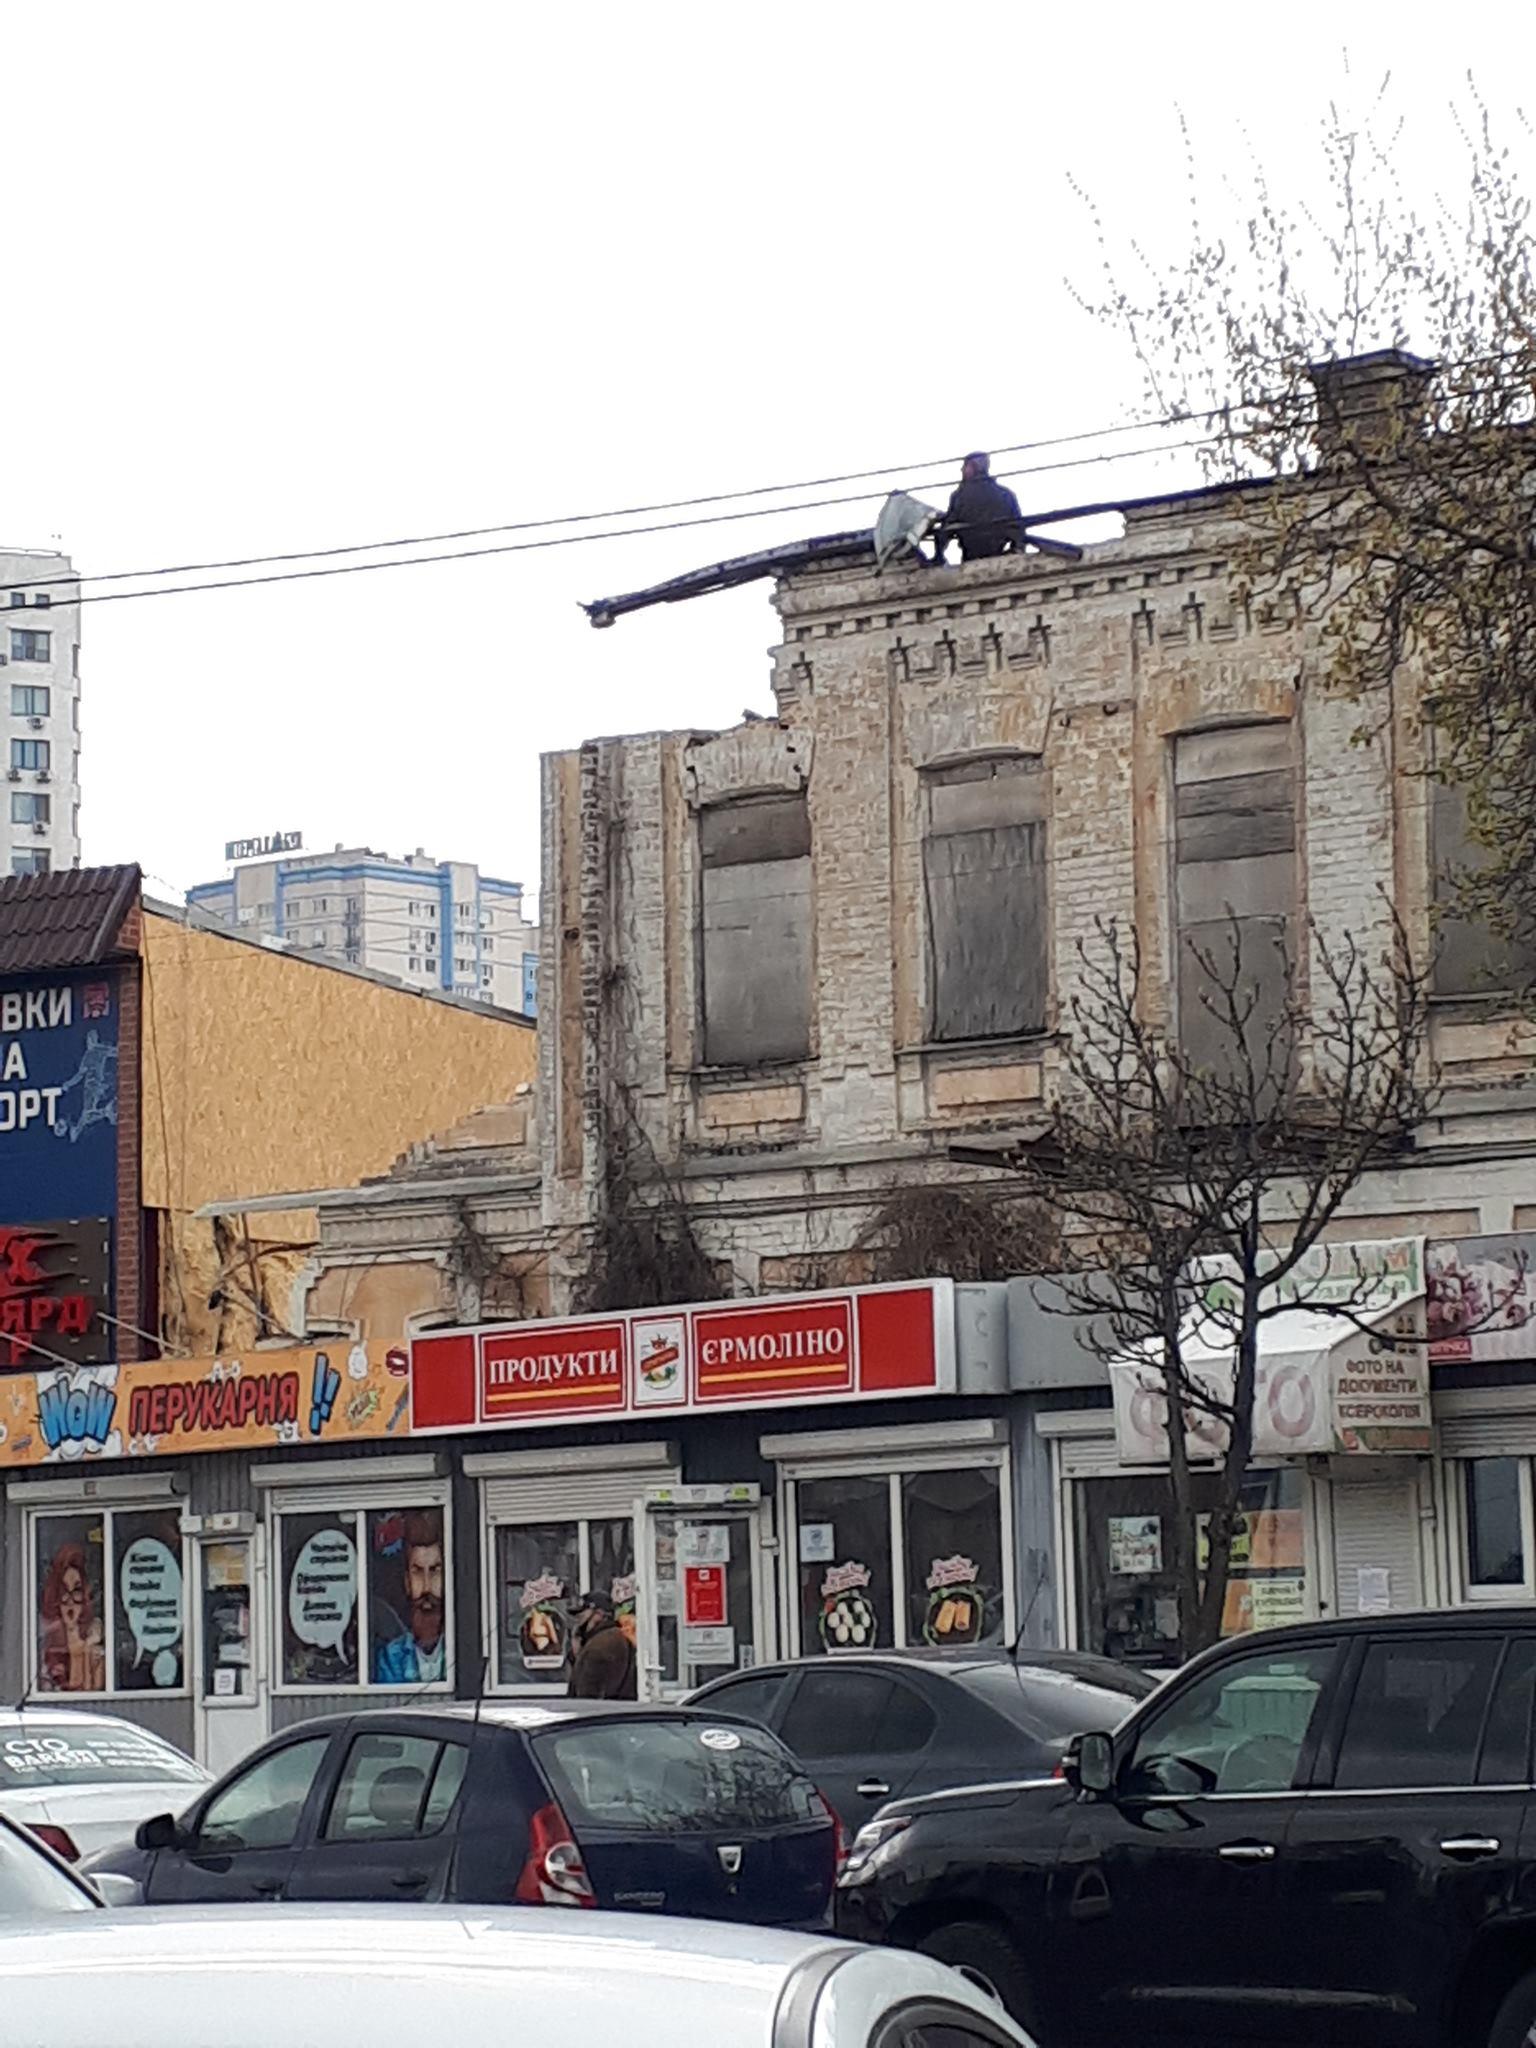 Частково демонтована будівля є однією дореволюційних будинків, що входять до складу Пивоварні Карла Шульца. Фото: Мапа реновації